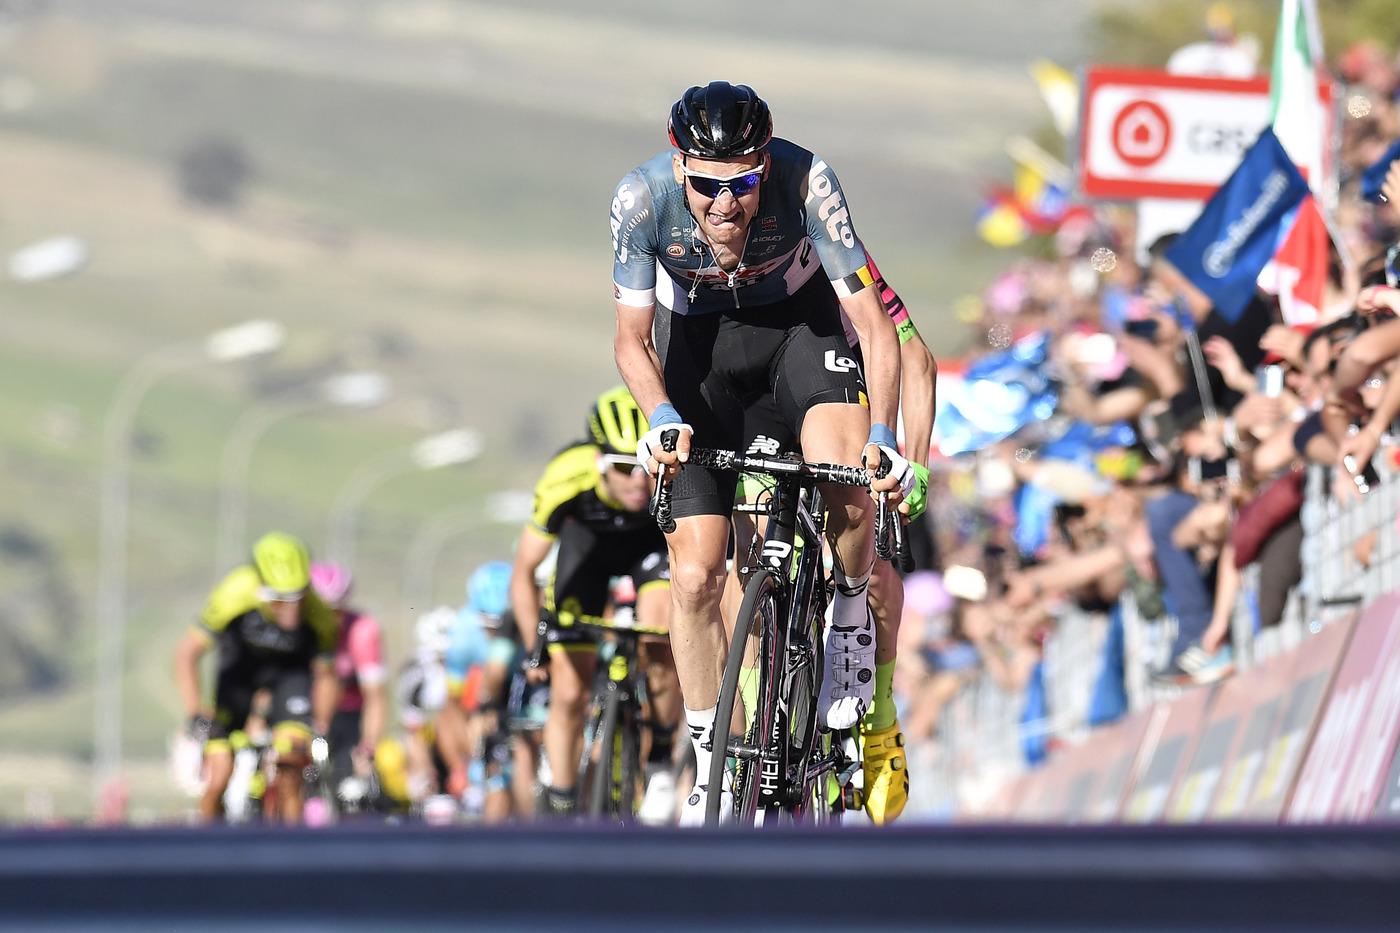 Vuelta 2020: al via l'ultimo grande giro della stagione! Analisi, pronostici, quote antepost e favoriti tappa 5